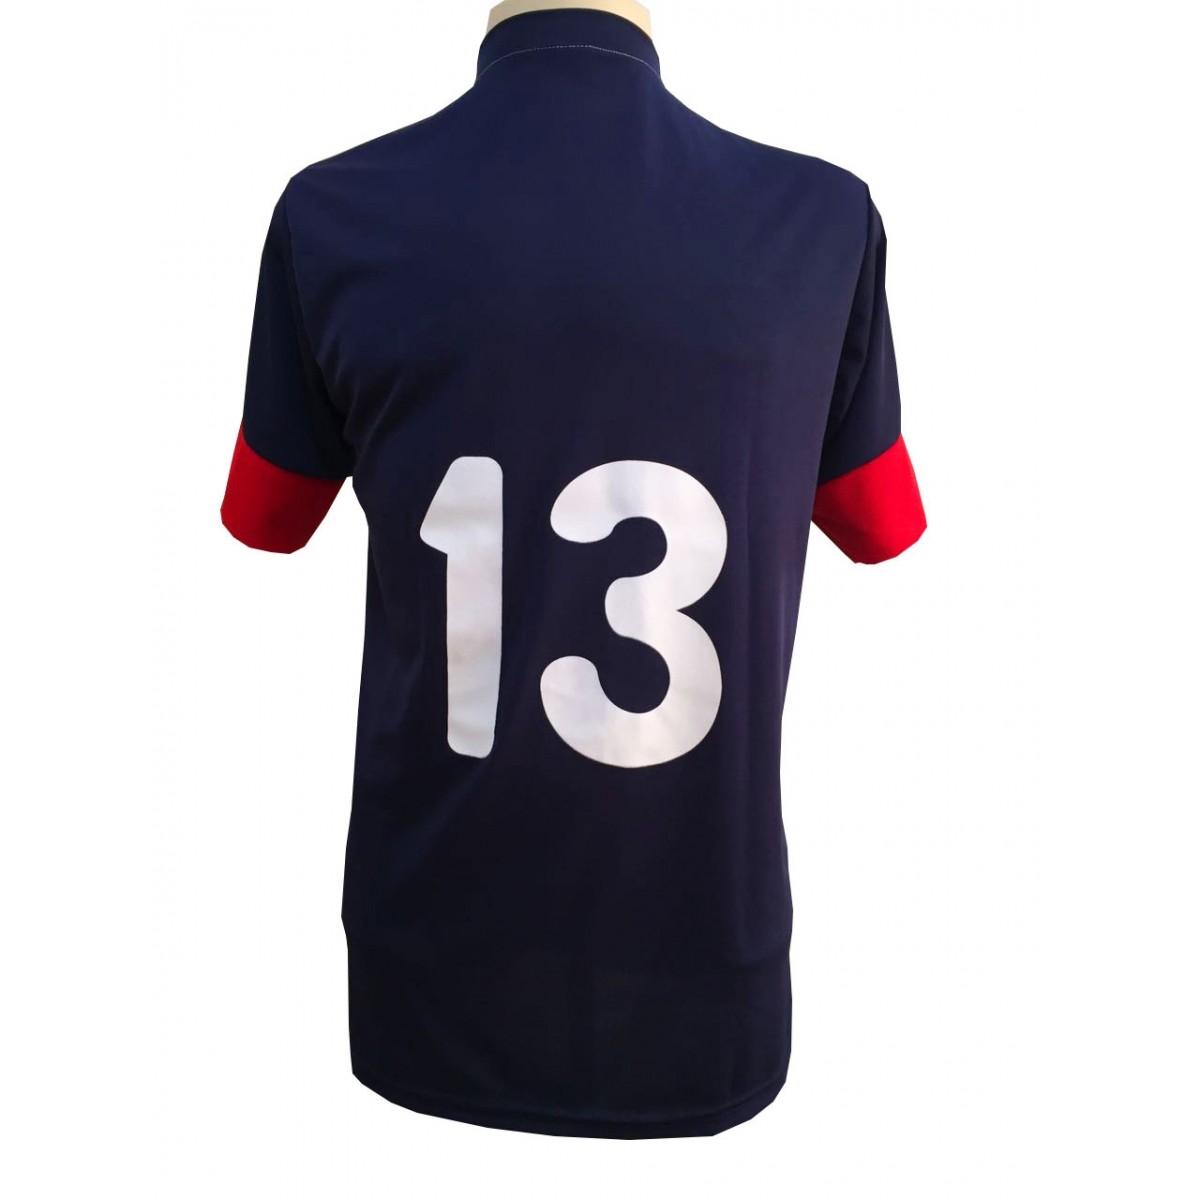 Uniforme Esportivo com 14 camisas modelo Sporting Marinho/Vermelho/Branco + 14 calções modelo Madrid + 1 Goleiro + Brindes